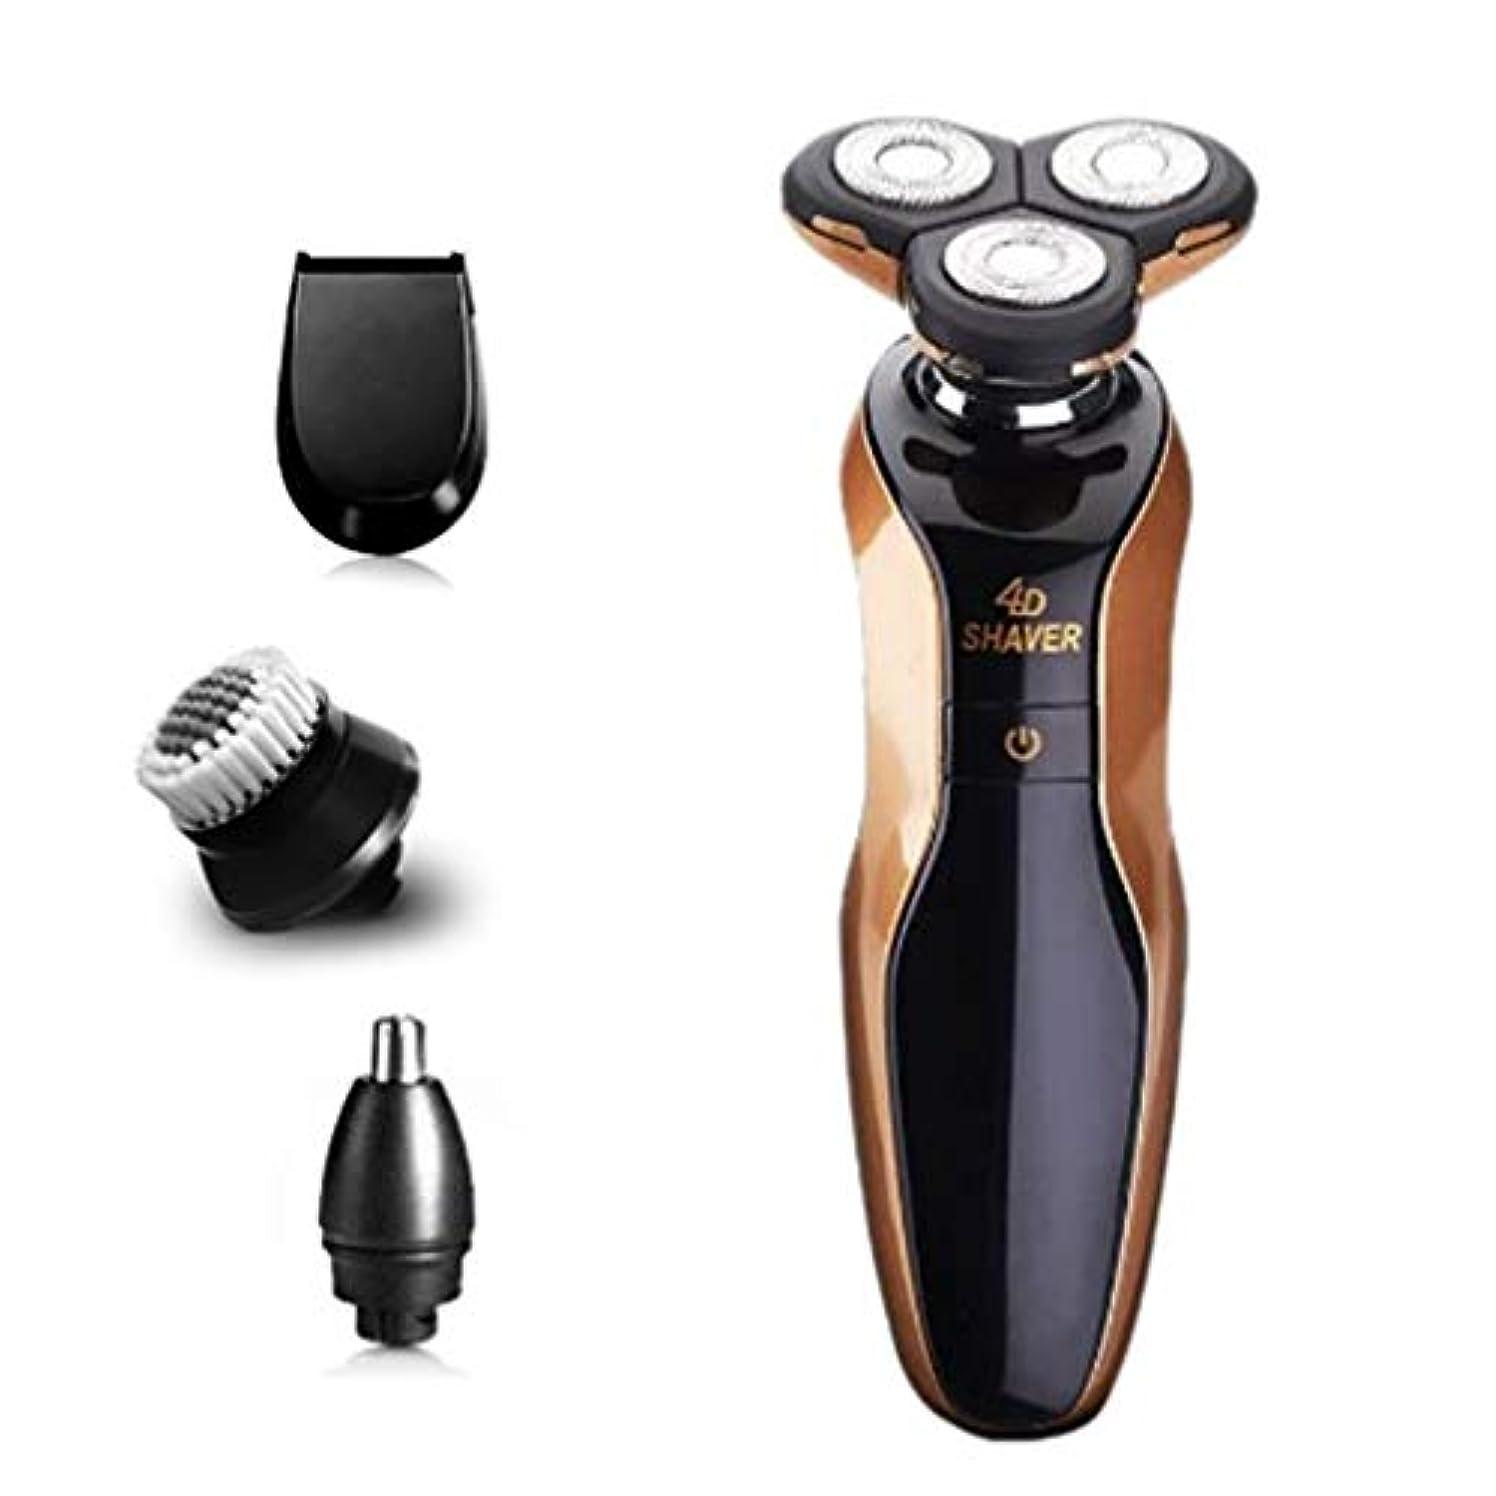 廃棄ファンネルウェブスパイダー極端なRQ-310 USB電気かみそり男性洗えるウェット?ドライかみそり鼻毛トリマー角度ナイフクリーナーキット4D浮動カッターヘッド